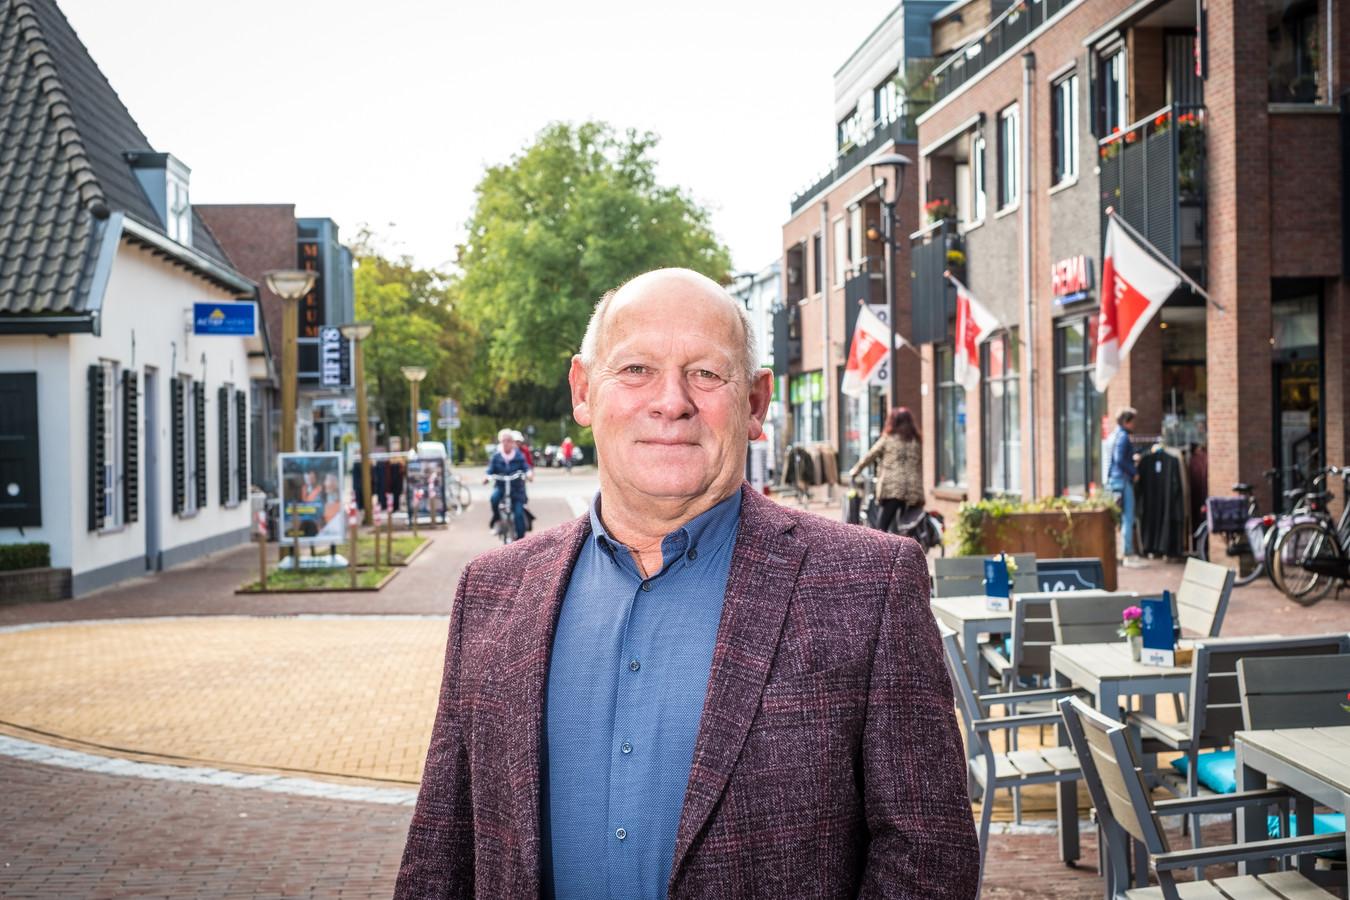 Hans Valent, voorzitter van Ondernemersvereniging Vaassen, baalt van het afketsen van de bedrijfsinvesteringszone in het dorp.